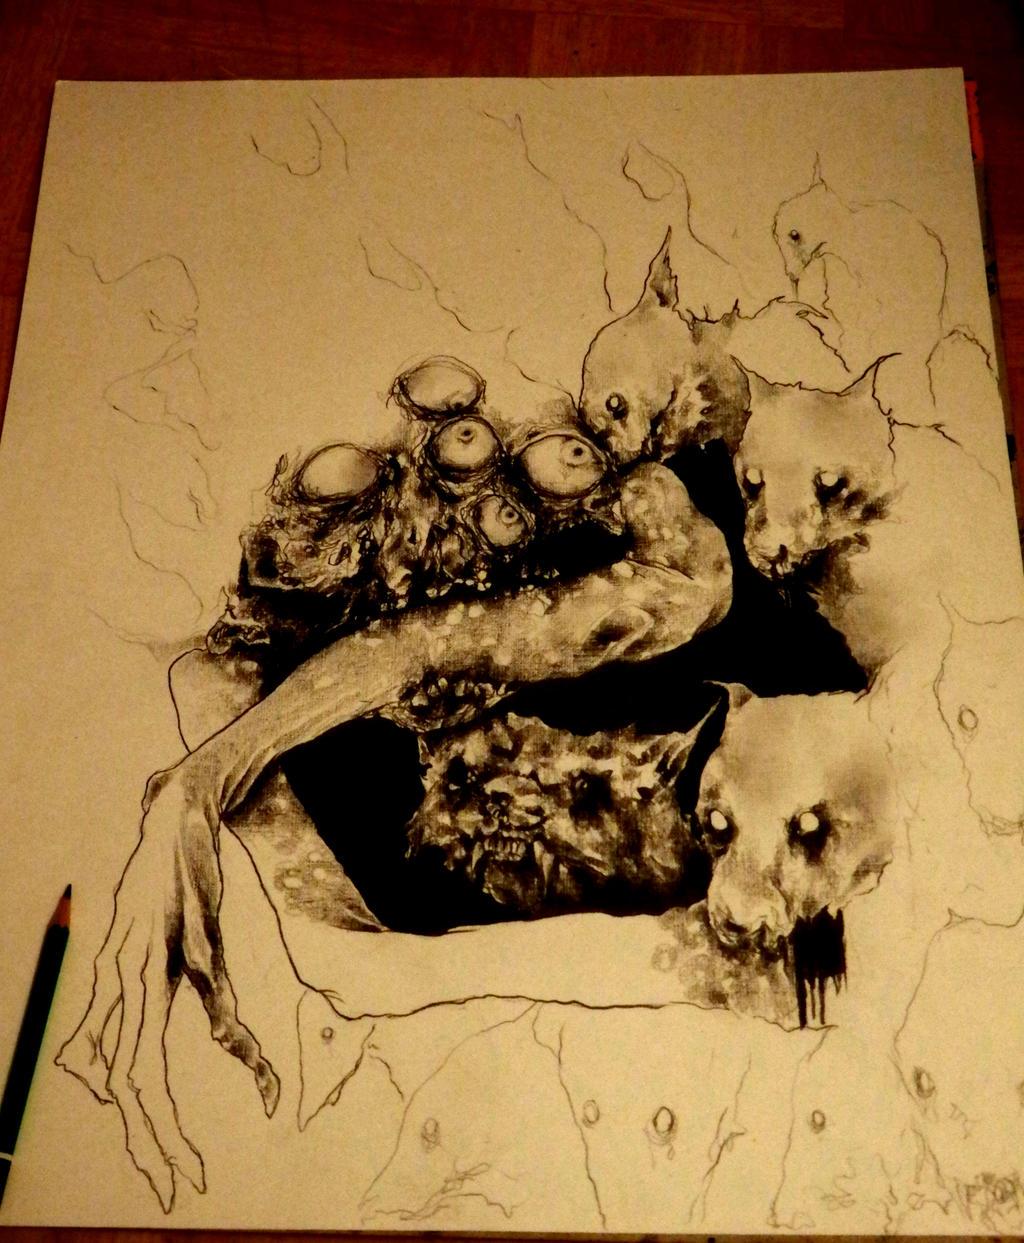 Allegorie de la Peste by PriestofTerror